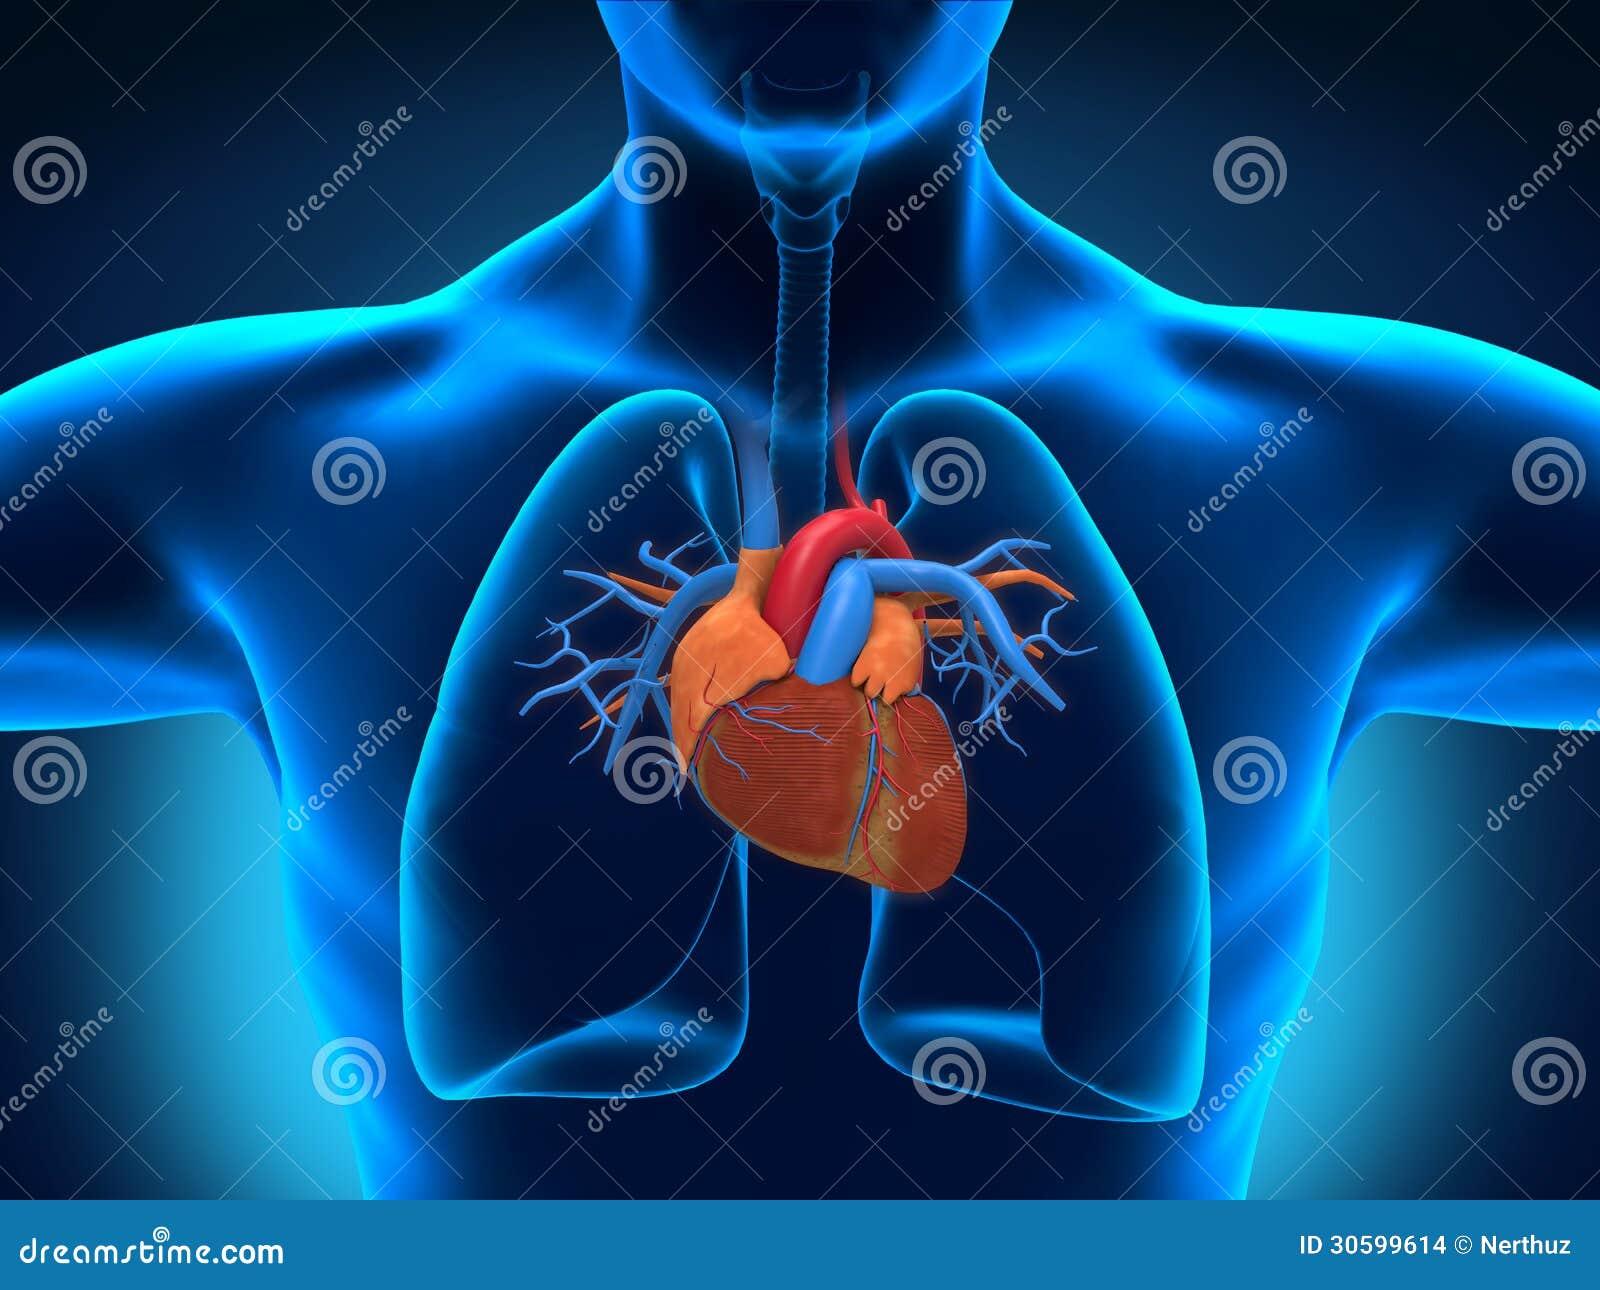 Menschliche Herz-Anatomie stock abbildung. Illustration von aorta ...